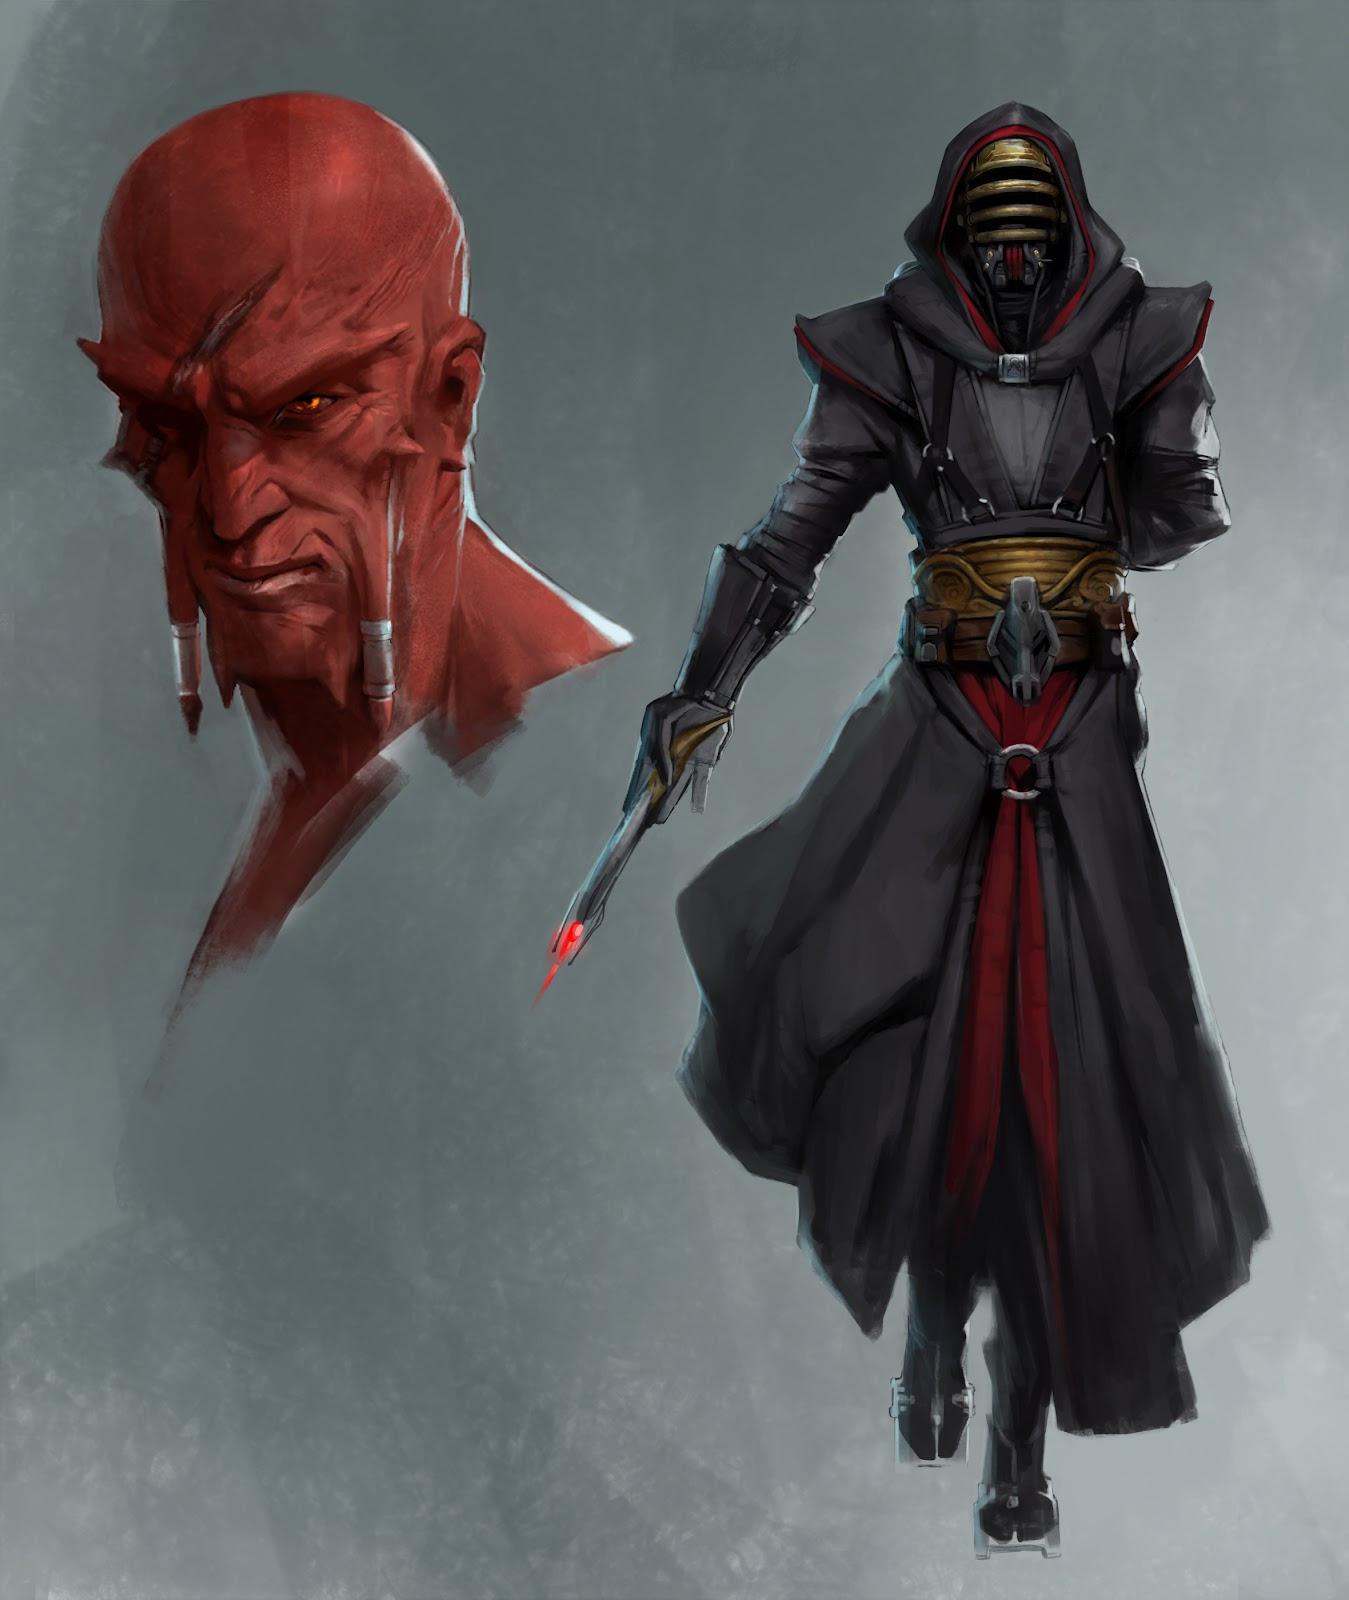 Sith by joshuathejames